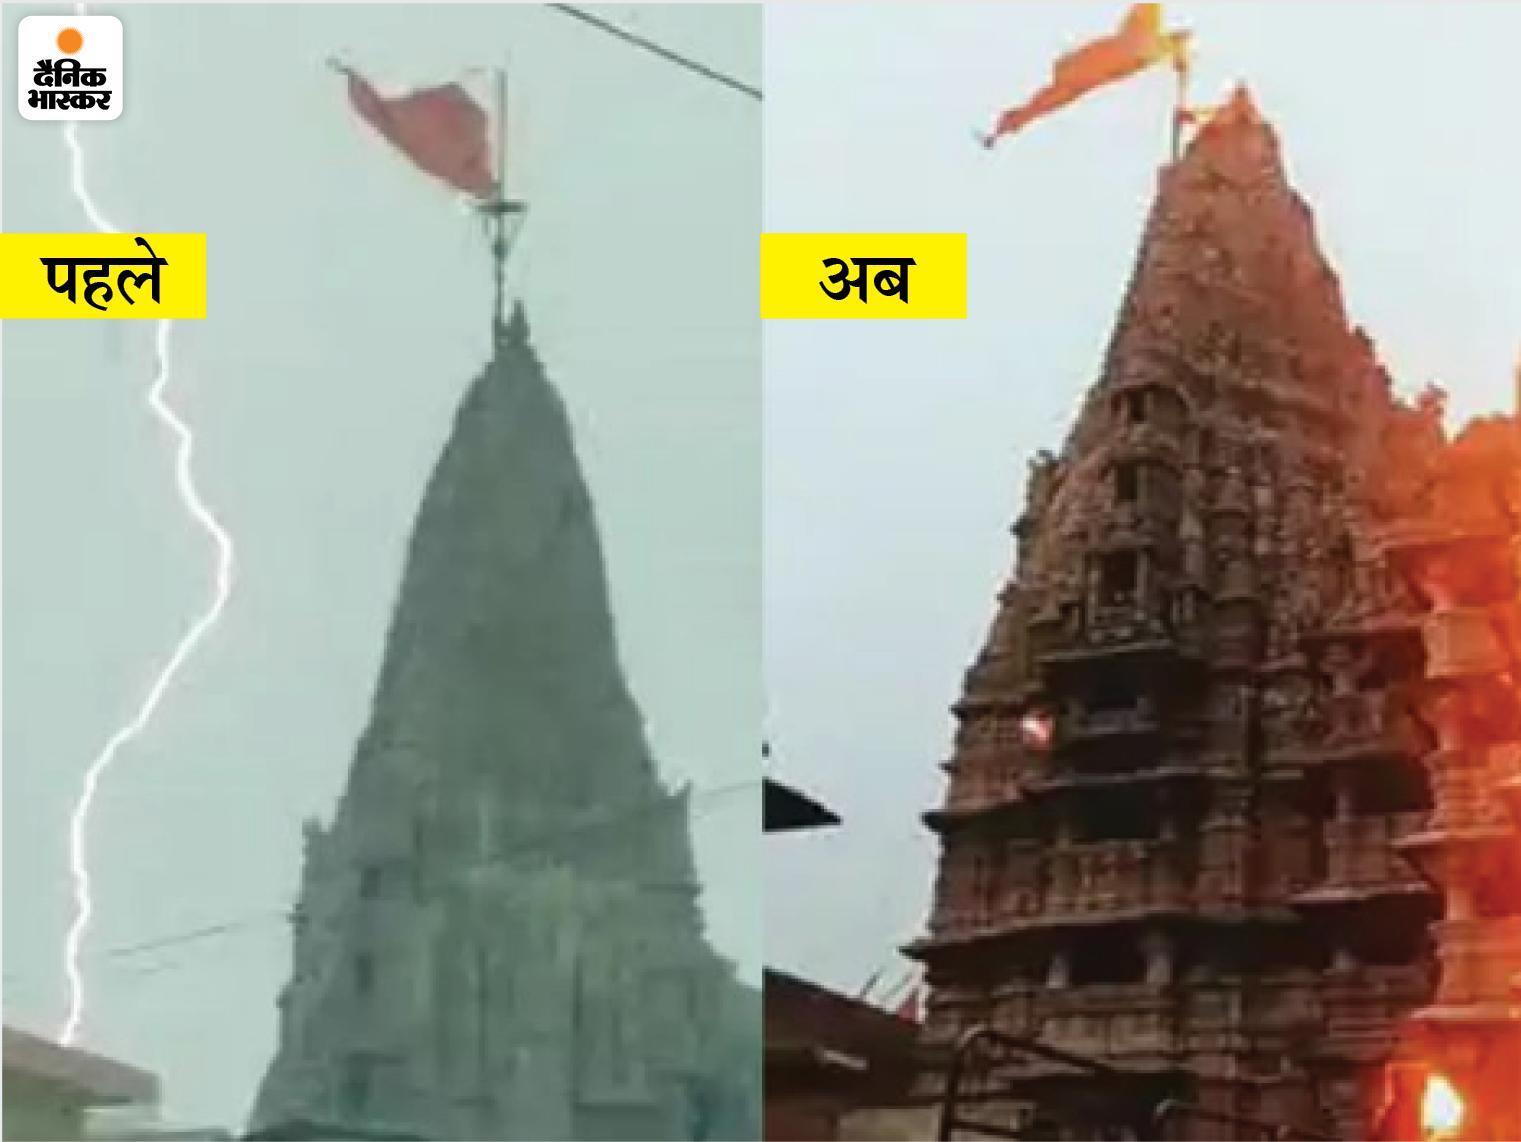 मंगलवार को दोपहर 2.30 बजे द्वारकाधीश मंदिर की ध्वजा पर बिजली गिरी। इससे ध्वज दंड को नुकसान पहुंचा और मंदिर की बाहरी दीवारें काली पड़ गईं।